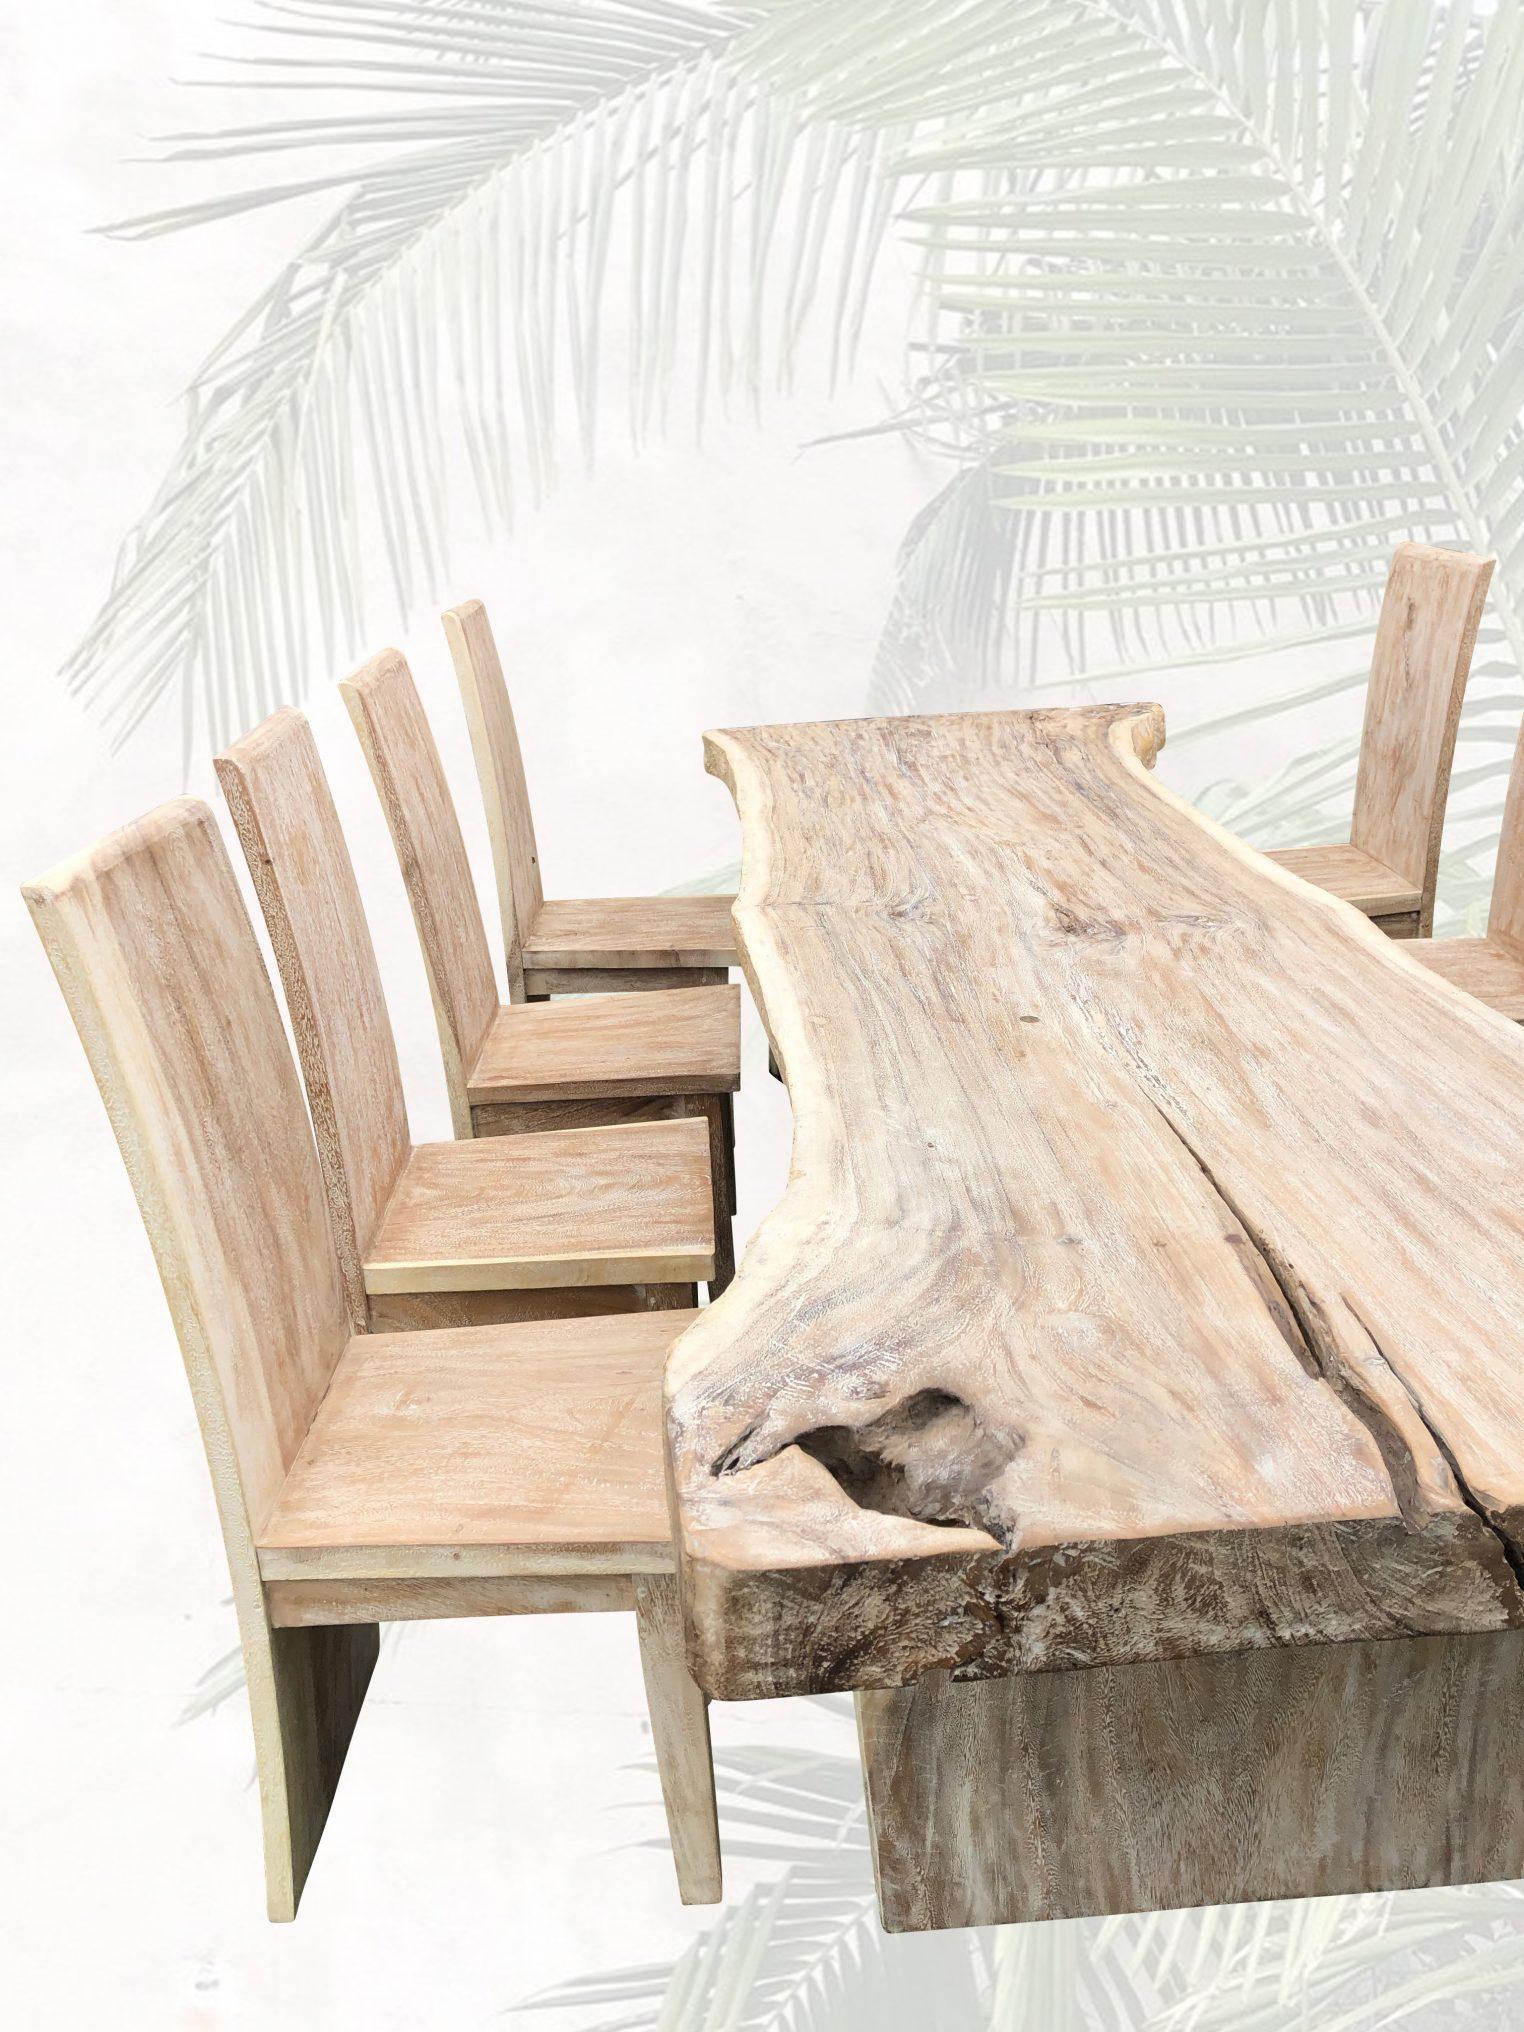 Full Size of Groer Esstisch Massivholz Mit 8 Sthlen Dari Asia Antike Stühle Eiche Industrial Rund Stühlen Glas Ausziehbar Runder Rustikaler Esstische Shabby Chic Holz Esstische Großer Esstisch